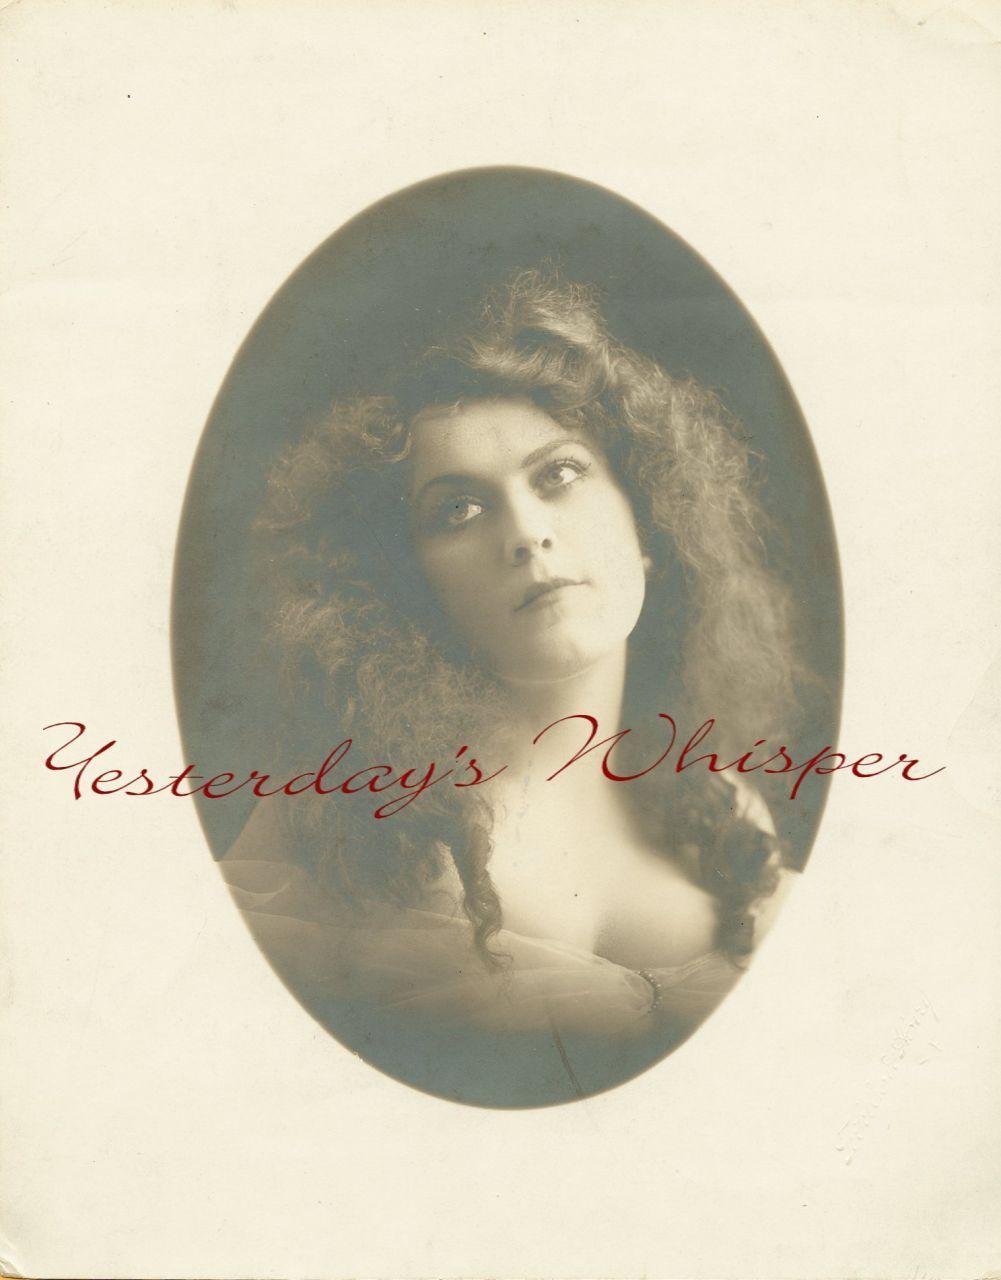 Irene BULGER Vaudeville Star ORG DW Portrait PHOTO H346